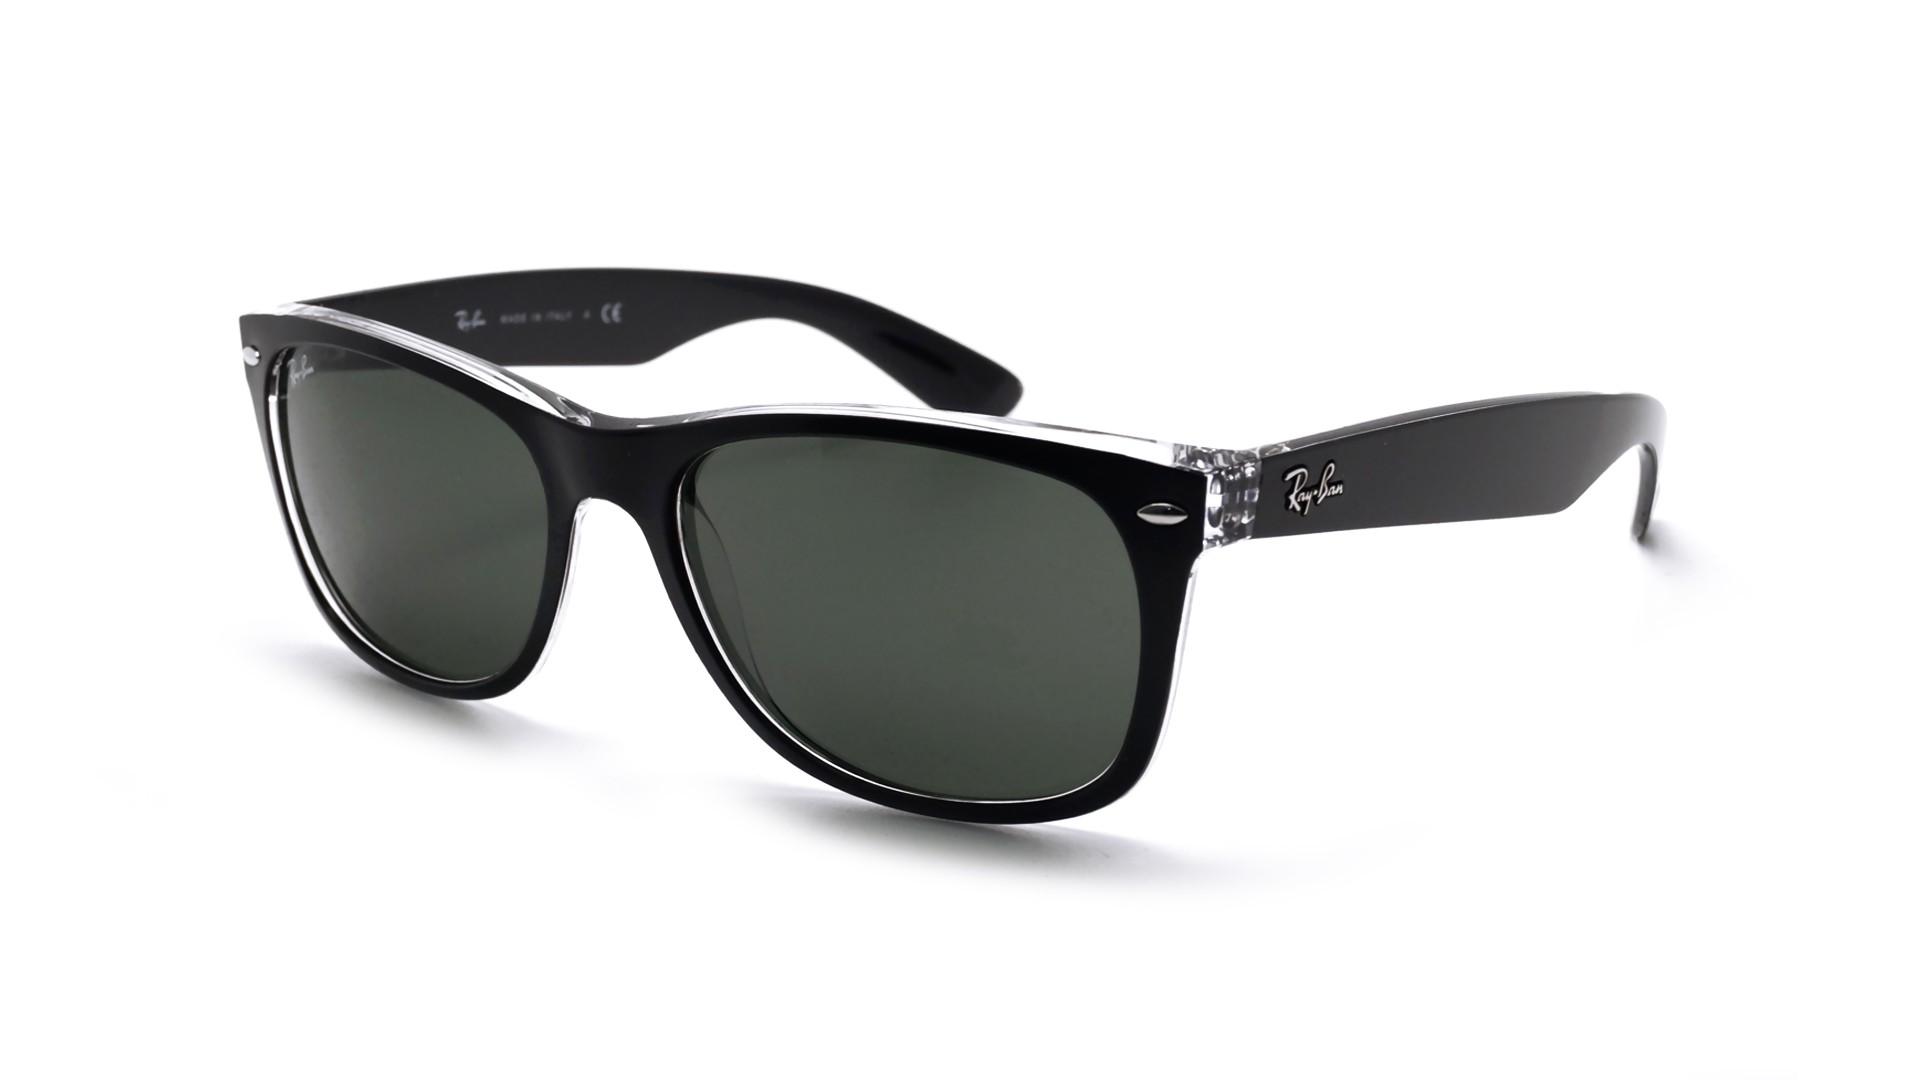 lunettes hommes ray ban lunettes de soleil pour homme ray ban noir mat rb lunettes de soleil pour ho. Black Bedroom Furniture Sets. Home Design Ideas